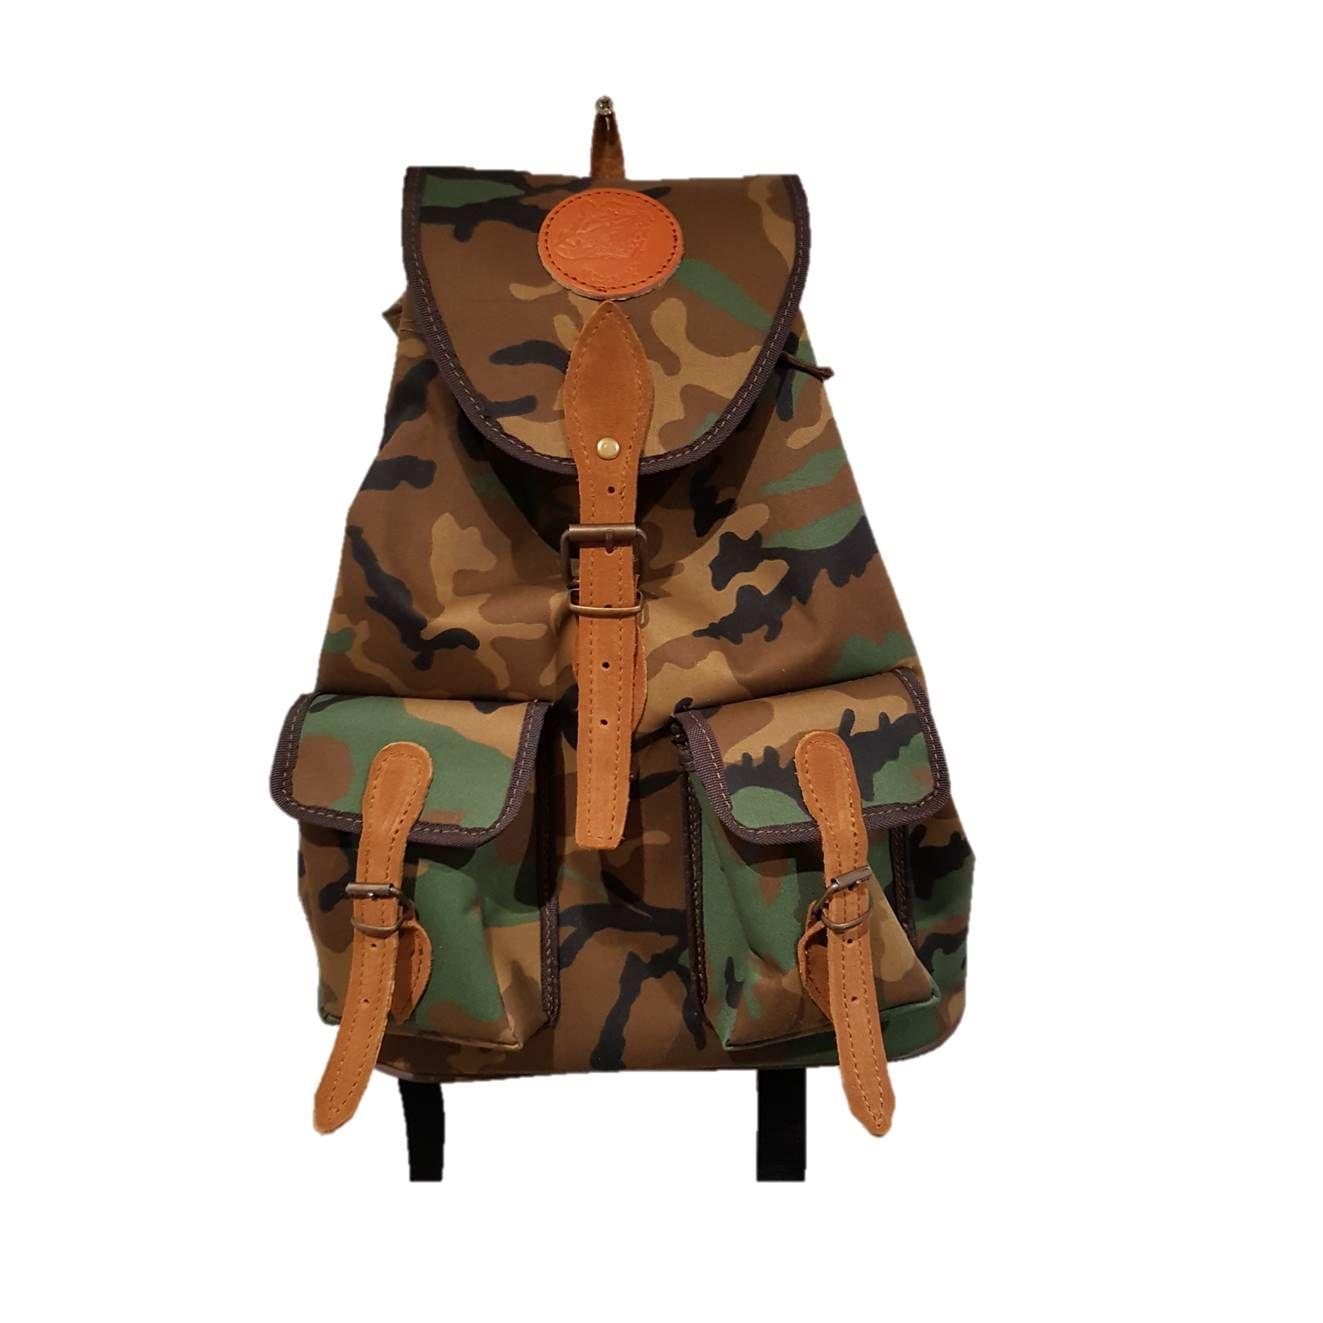 Mochila de caza camuflaje pequeña con dos bolsillos: Tienda online de Artículos de Caza